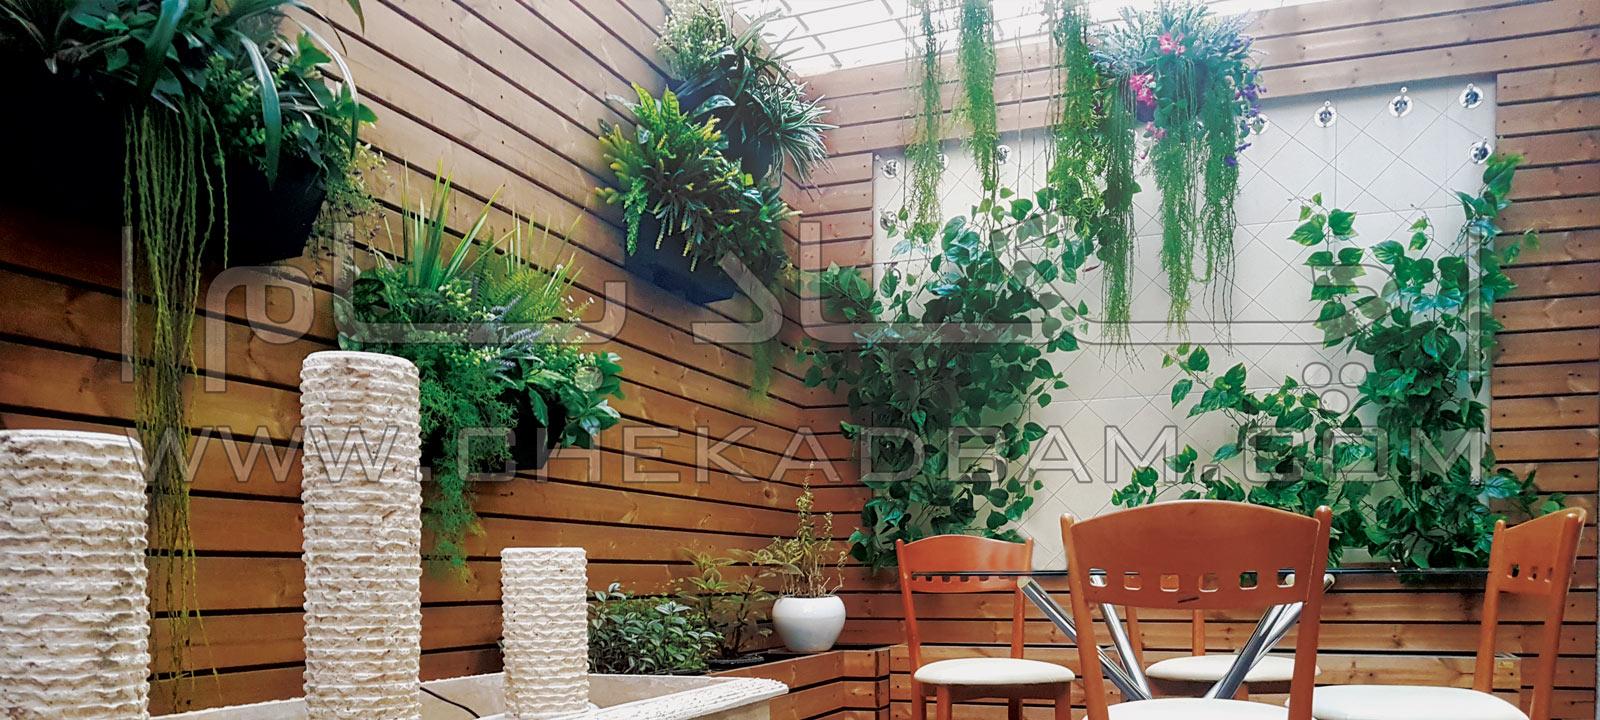 بنر تراس سبز شیخ بهایی تهران تزئین تراس با چوب و گیاه و میز و نیمکت بالکن با صفا